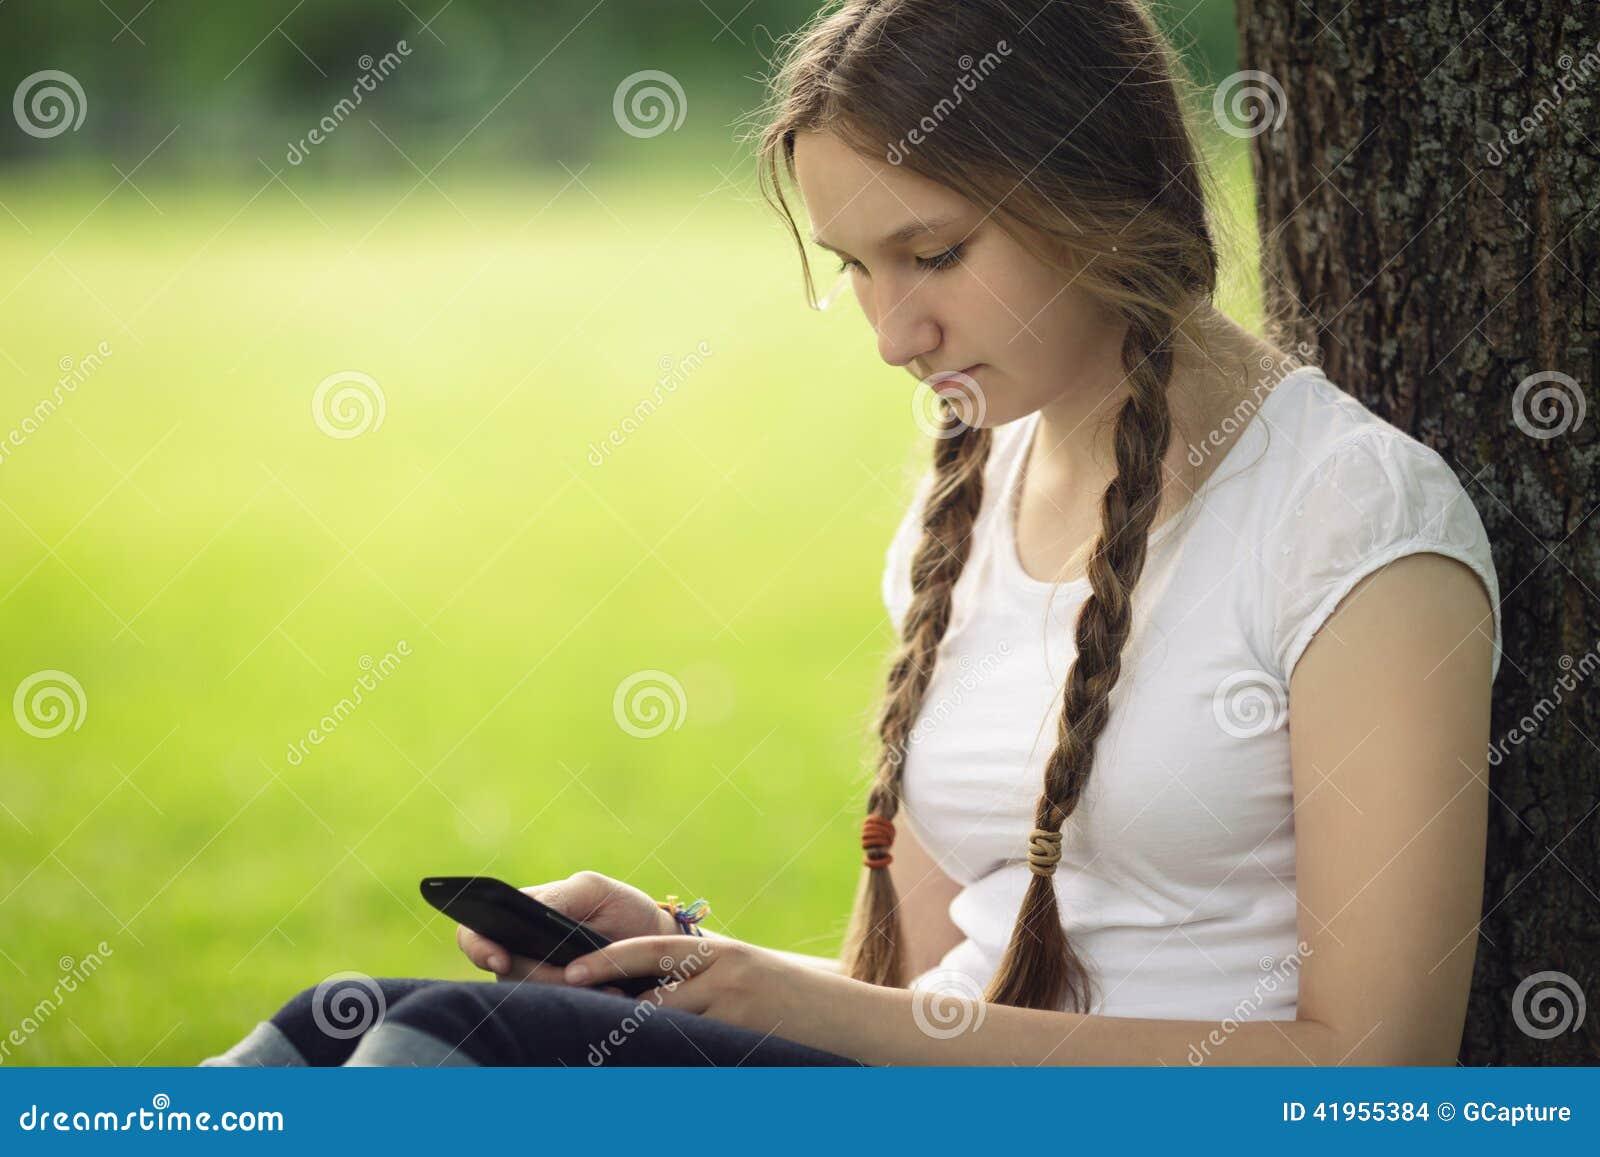 Nastoletnia dziewczyna siedzi blisko drzewa z telefonem kom